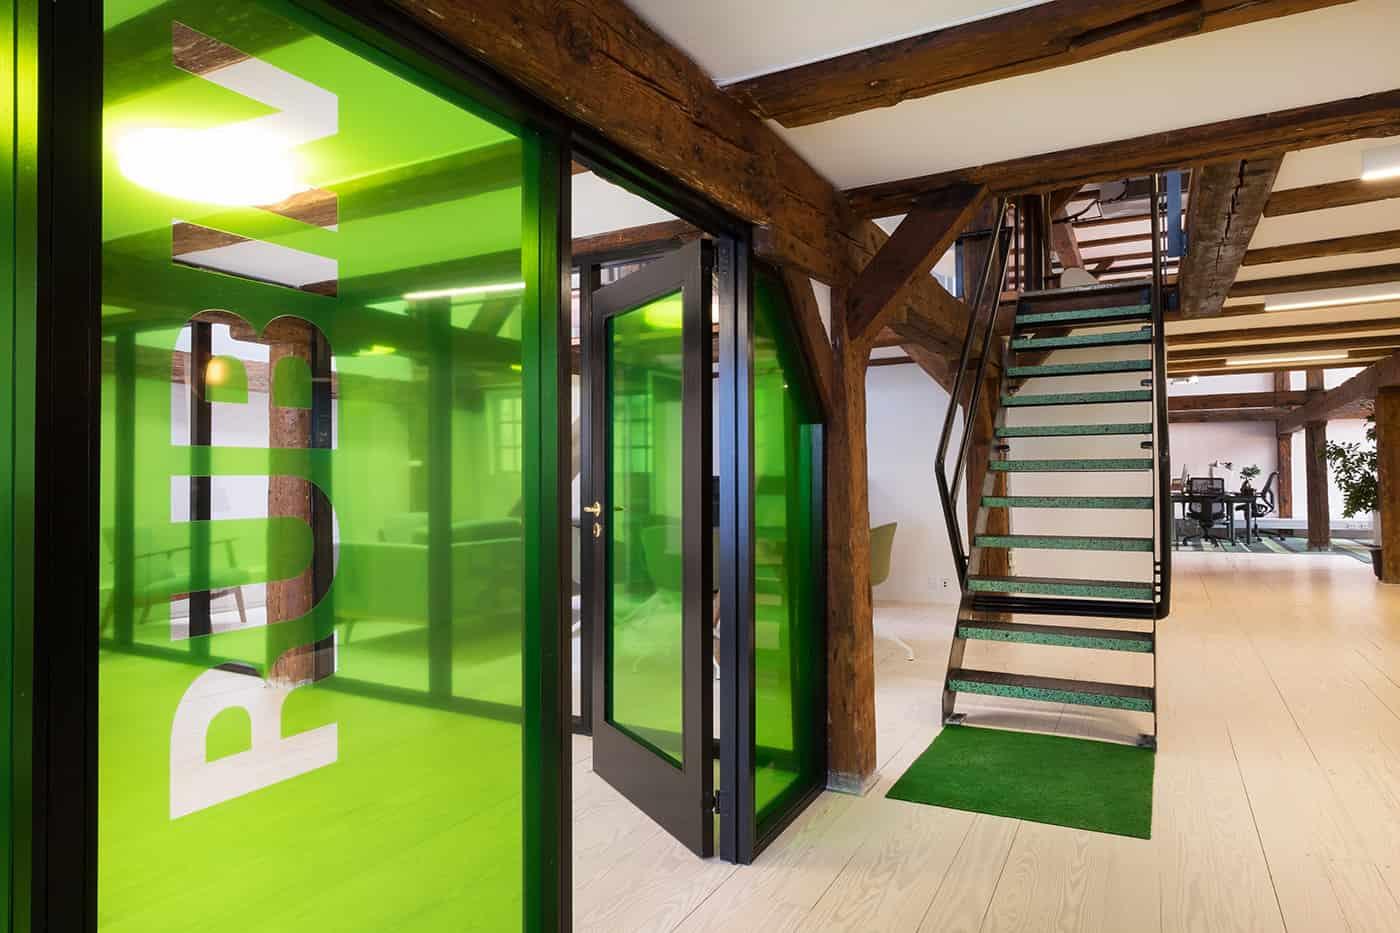 RITAarch, Greener Pastures, indretning, mødelokaler, grafik, glasfolie